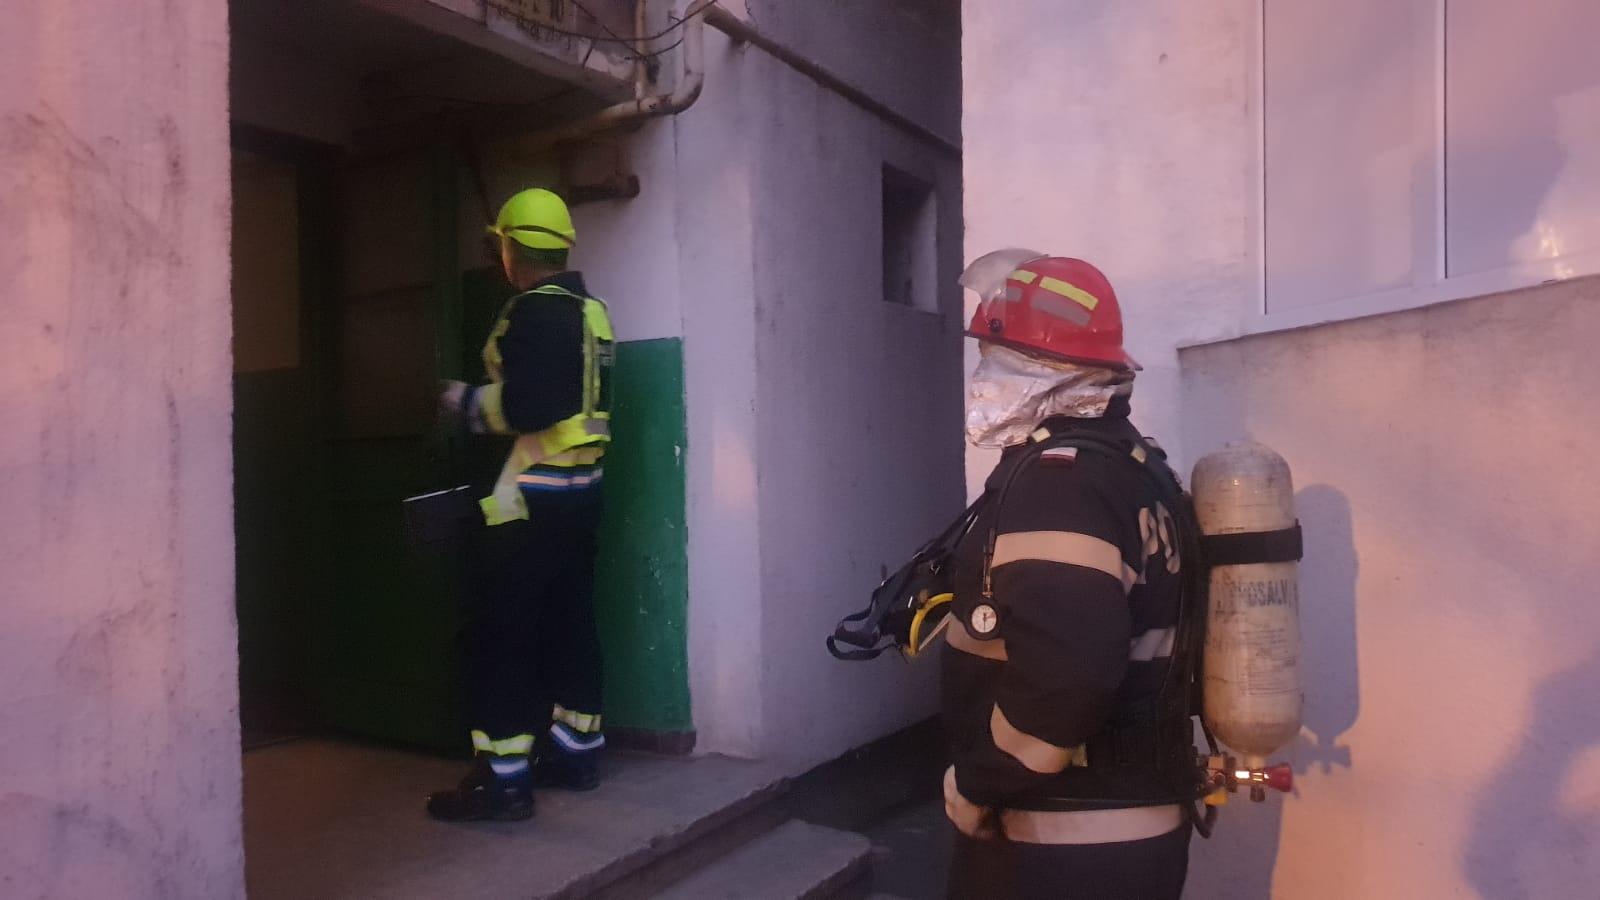 Pompierii, alertați că ar fi un incendiu într-un bloc, au descoperit că se făcea de fapt deratizare